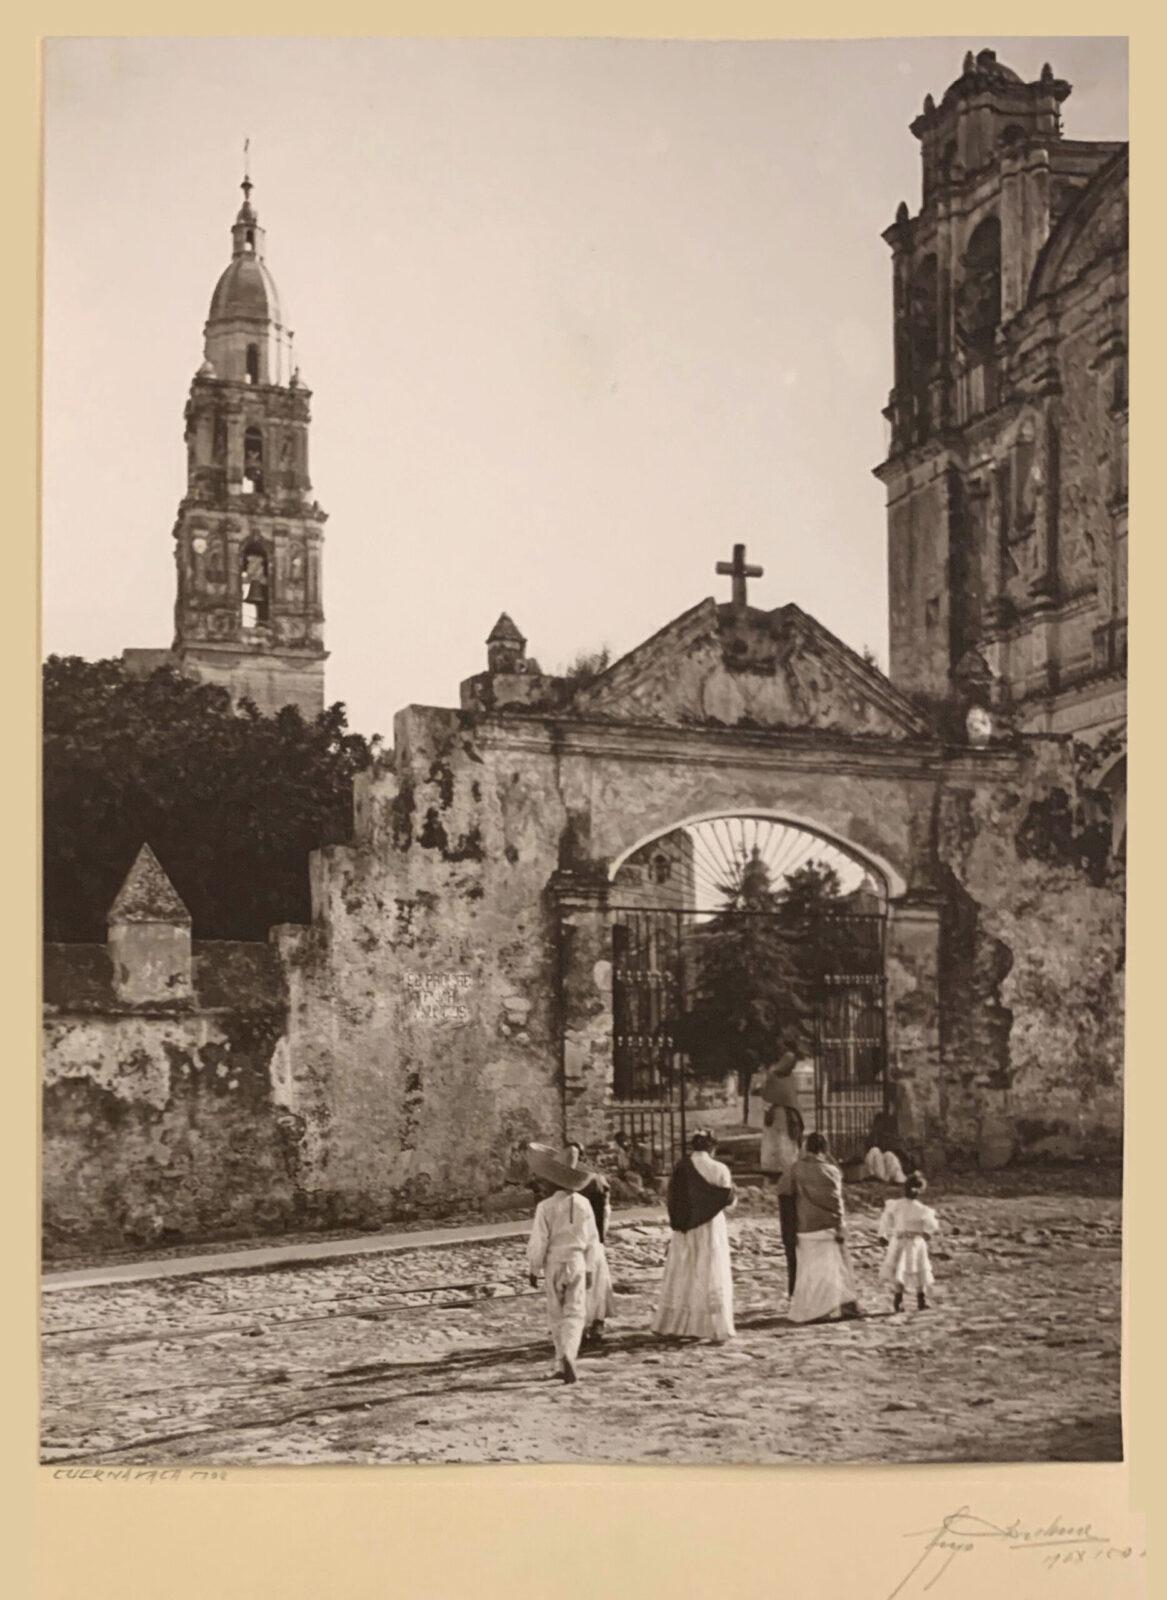 HUGO BREHME, Cuernavaca, Mexico, c. 1920, 13.25 x 10.5″, gelatin silver print.